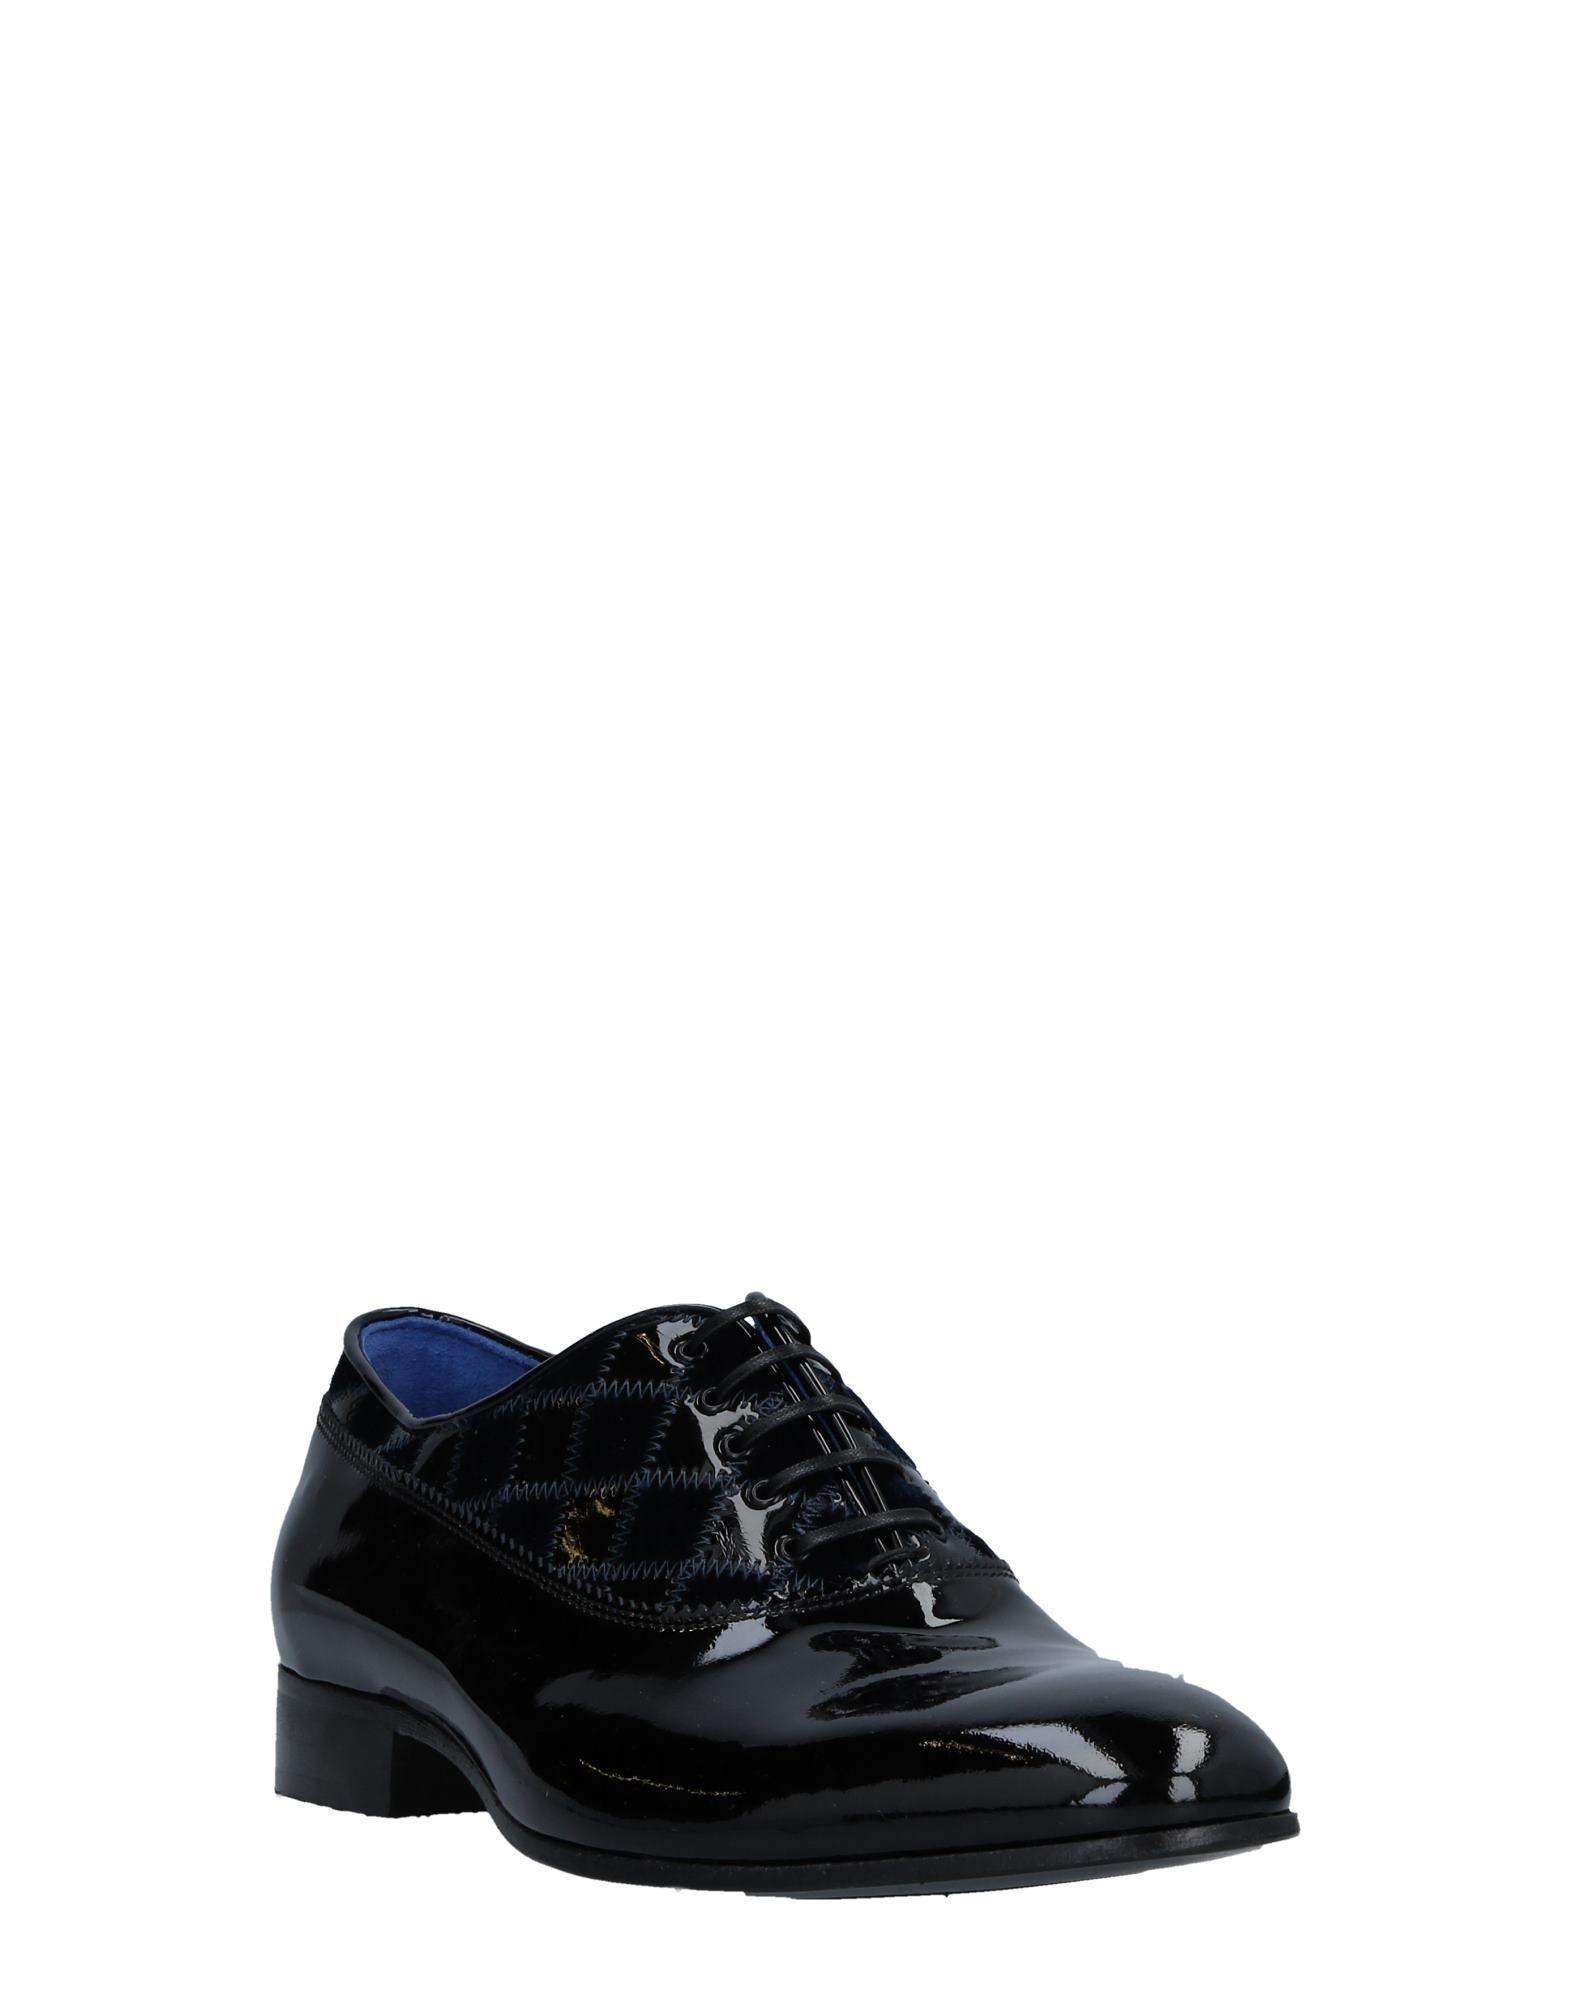 Giovanni Conti Schnürschuhe Herren  11519943OT Gute Qualität beliebte Schuhe